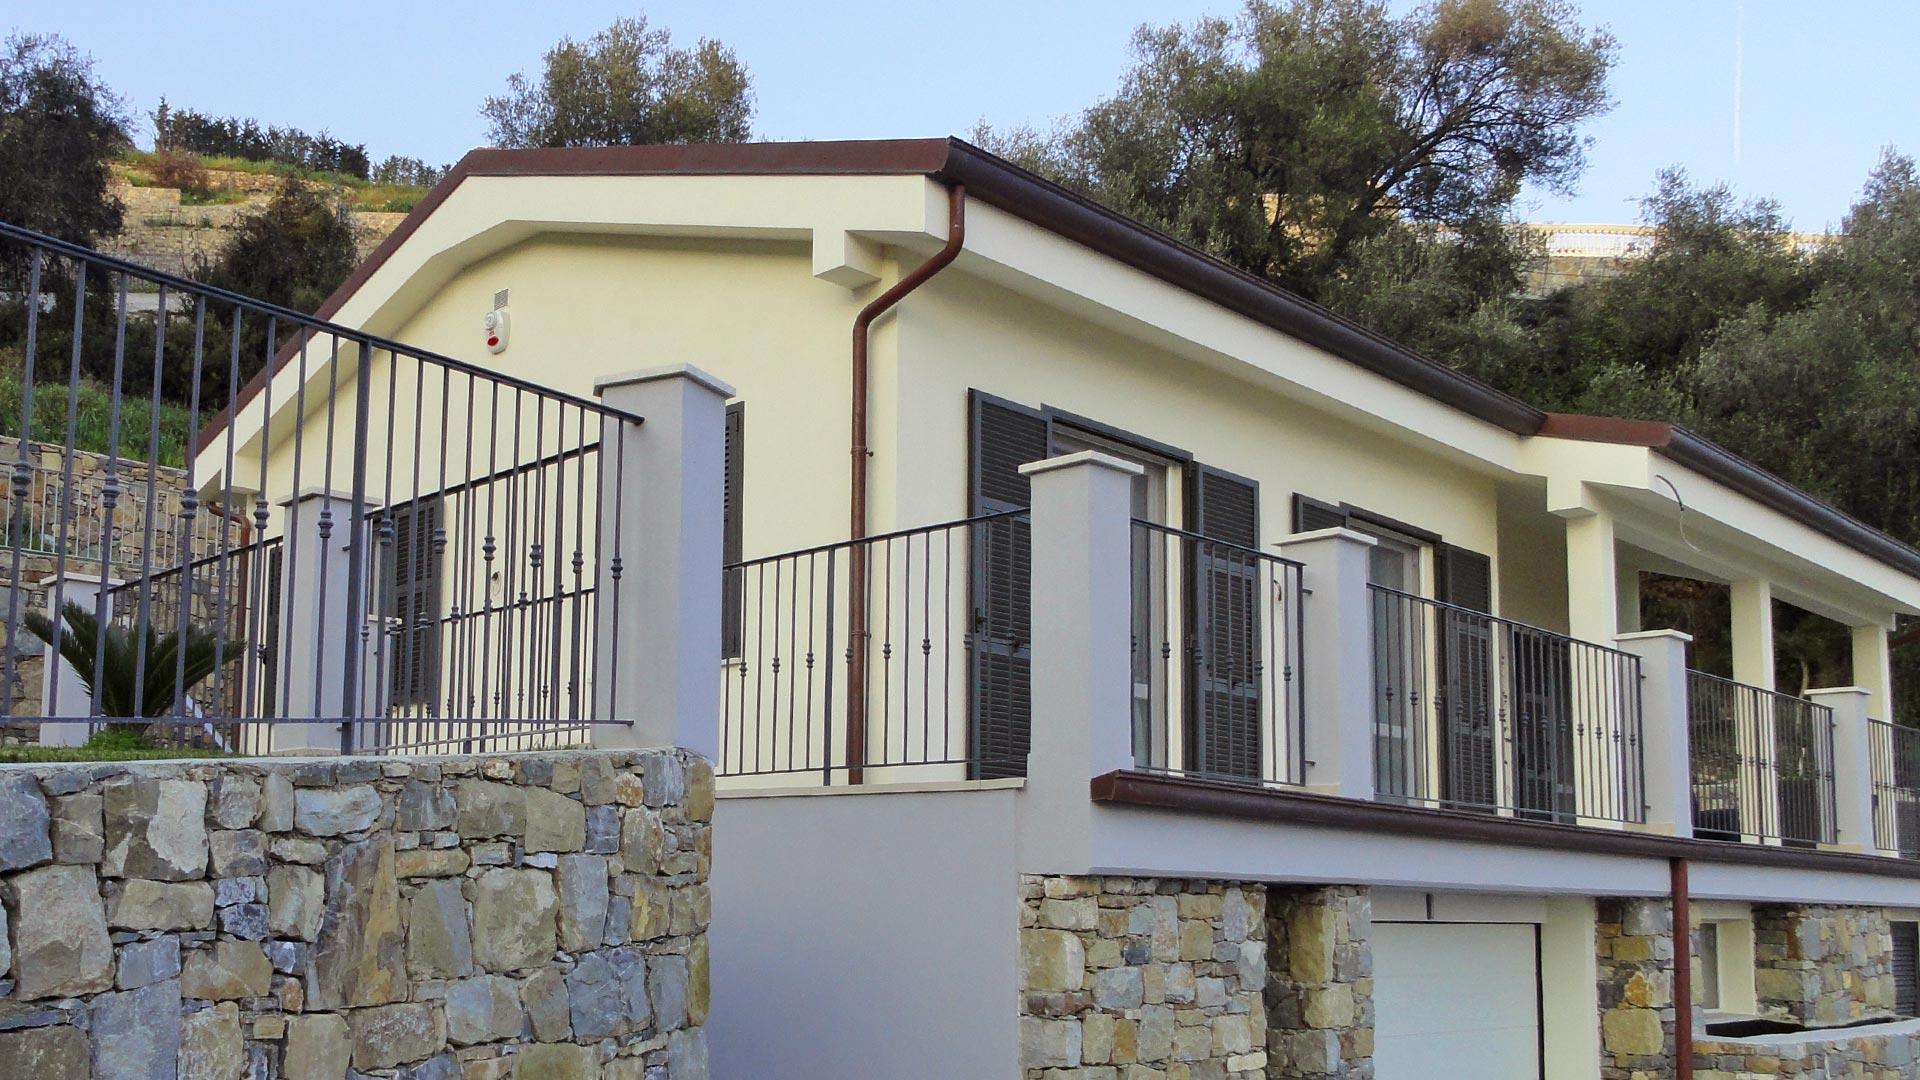 Casa al mare in legno xlam bbs a ospedaletti liguria - Affittare una casa al mare ...